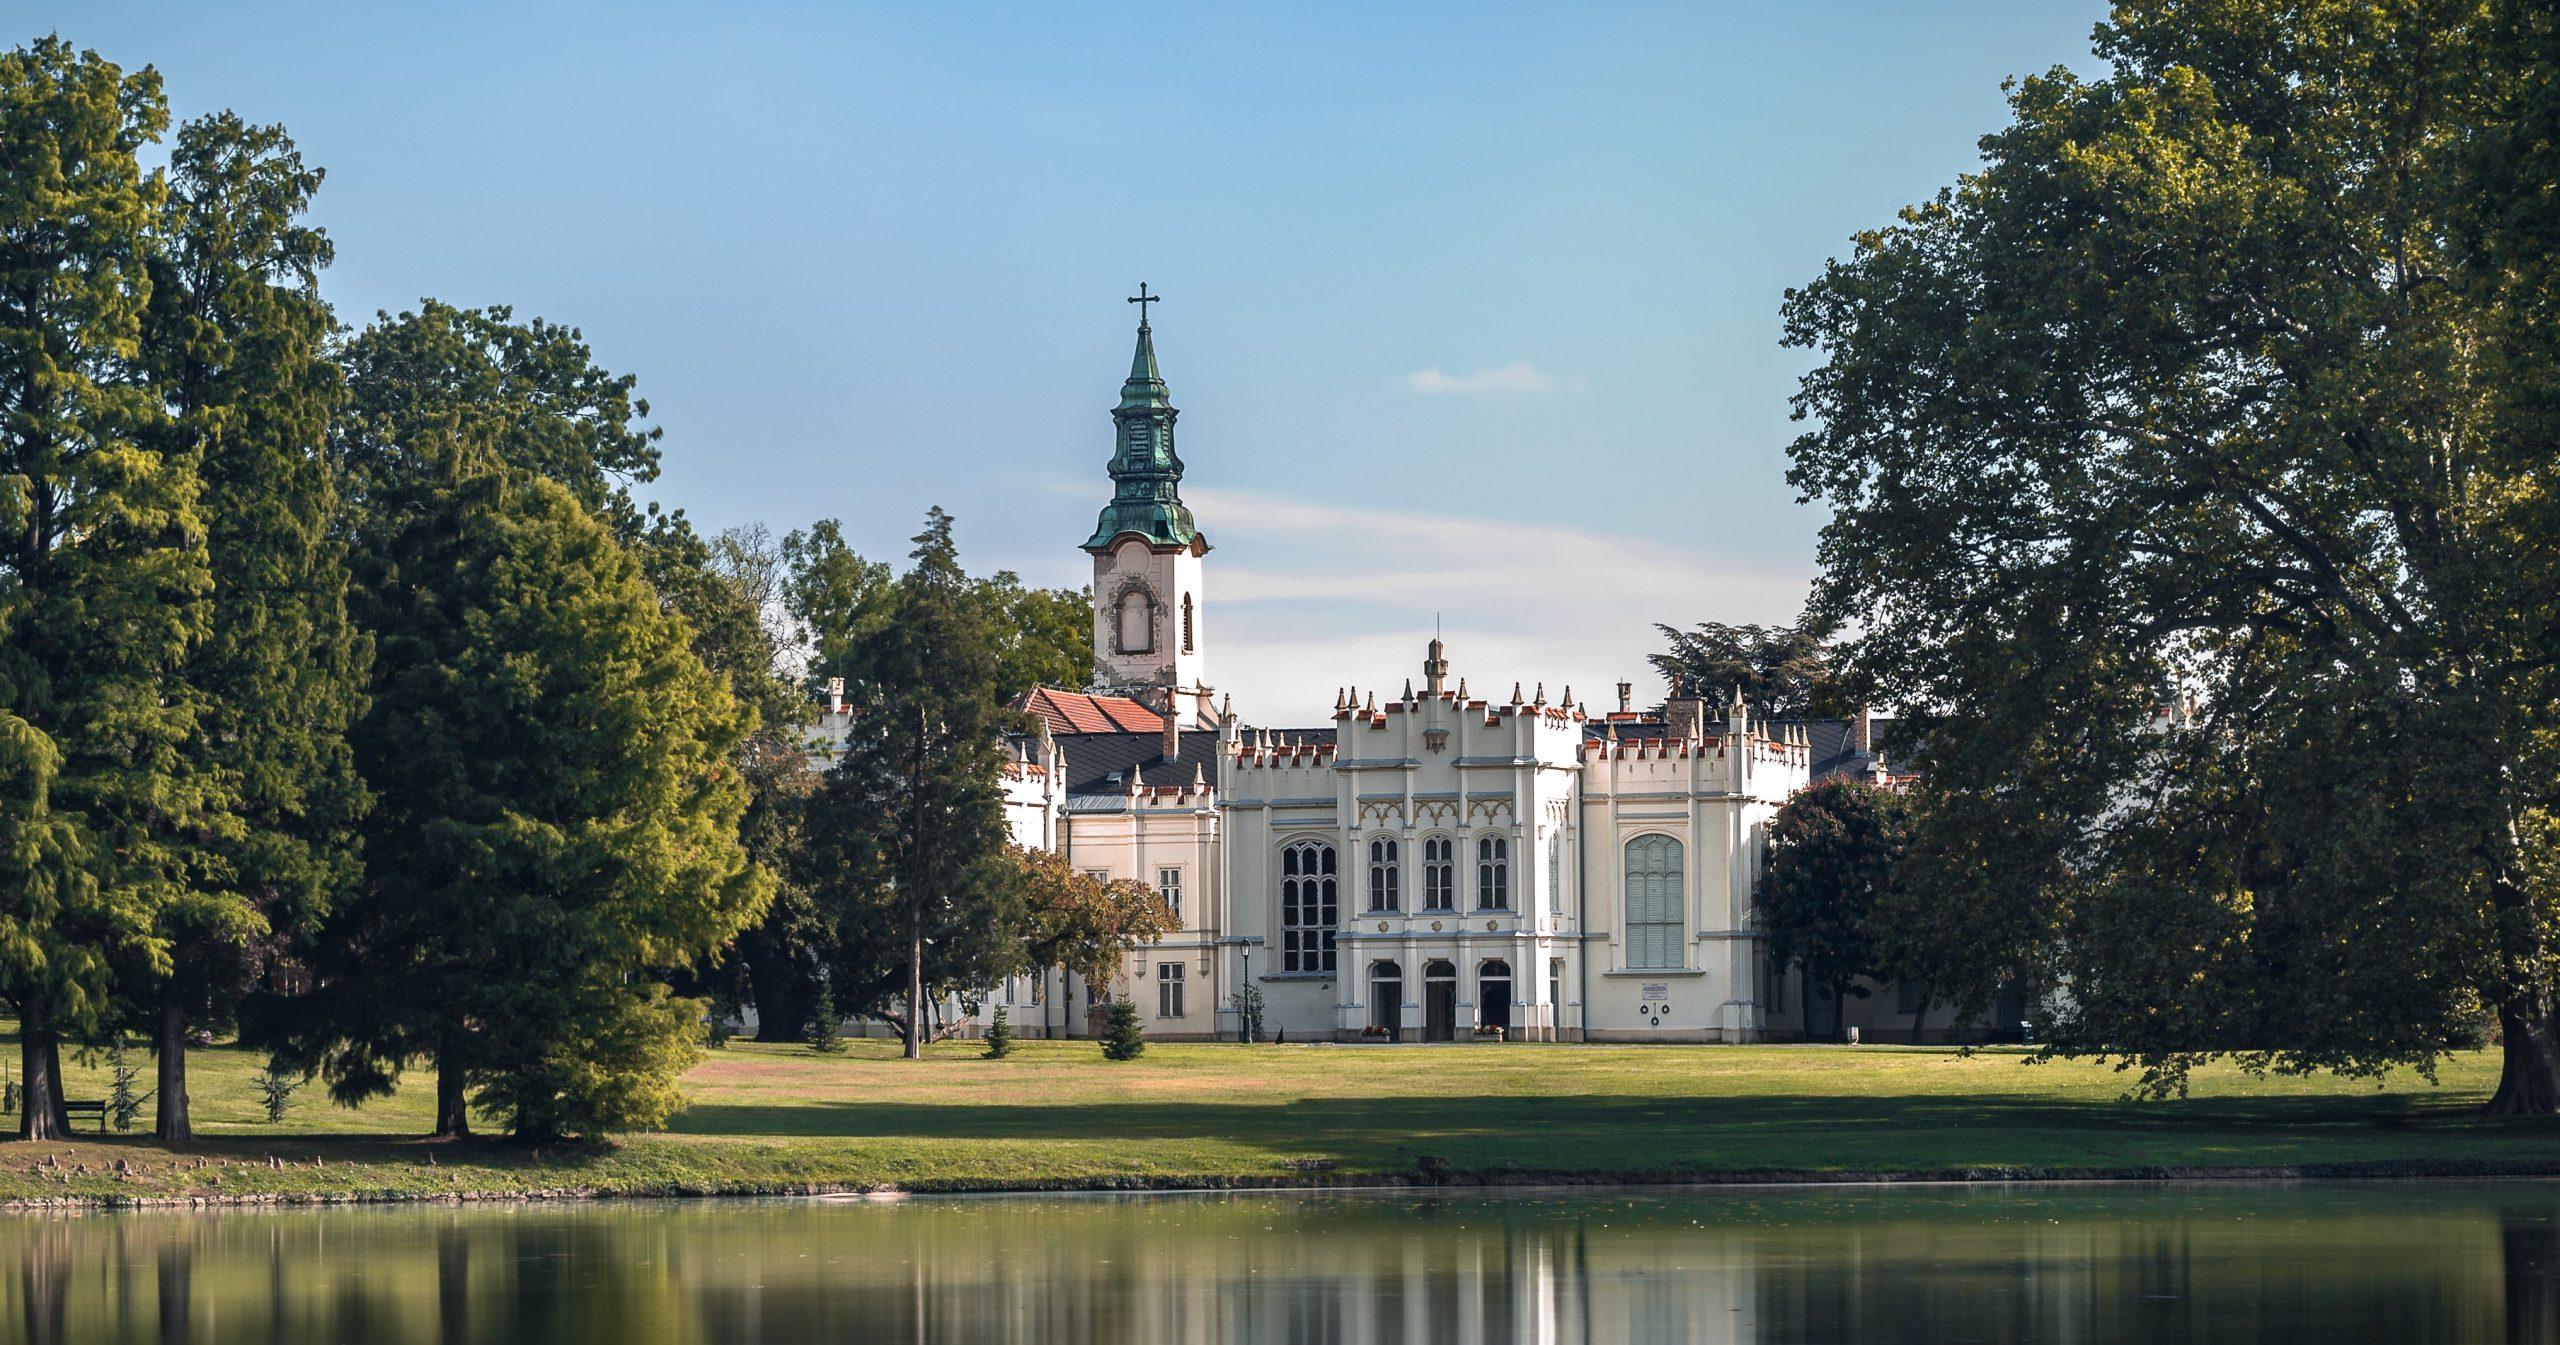 Magyarország legszebb helyei: 15 mesebeli kastély, amit egyszer az életben látni kell